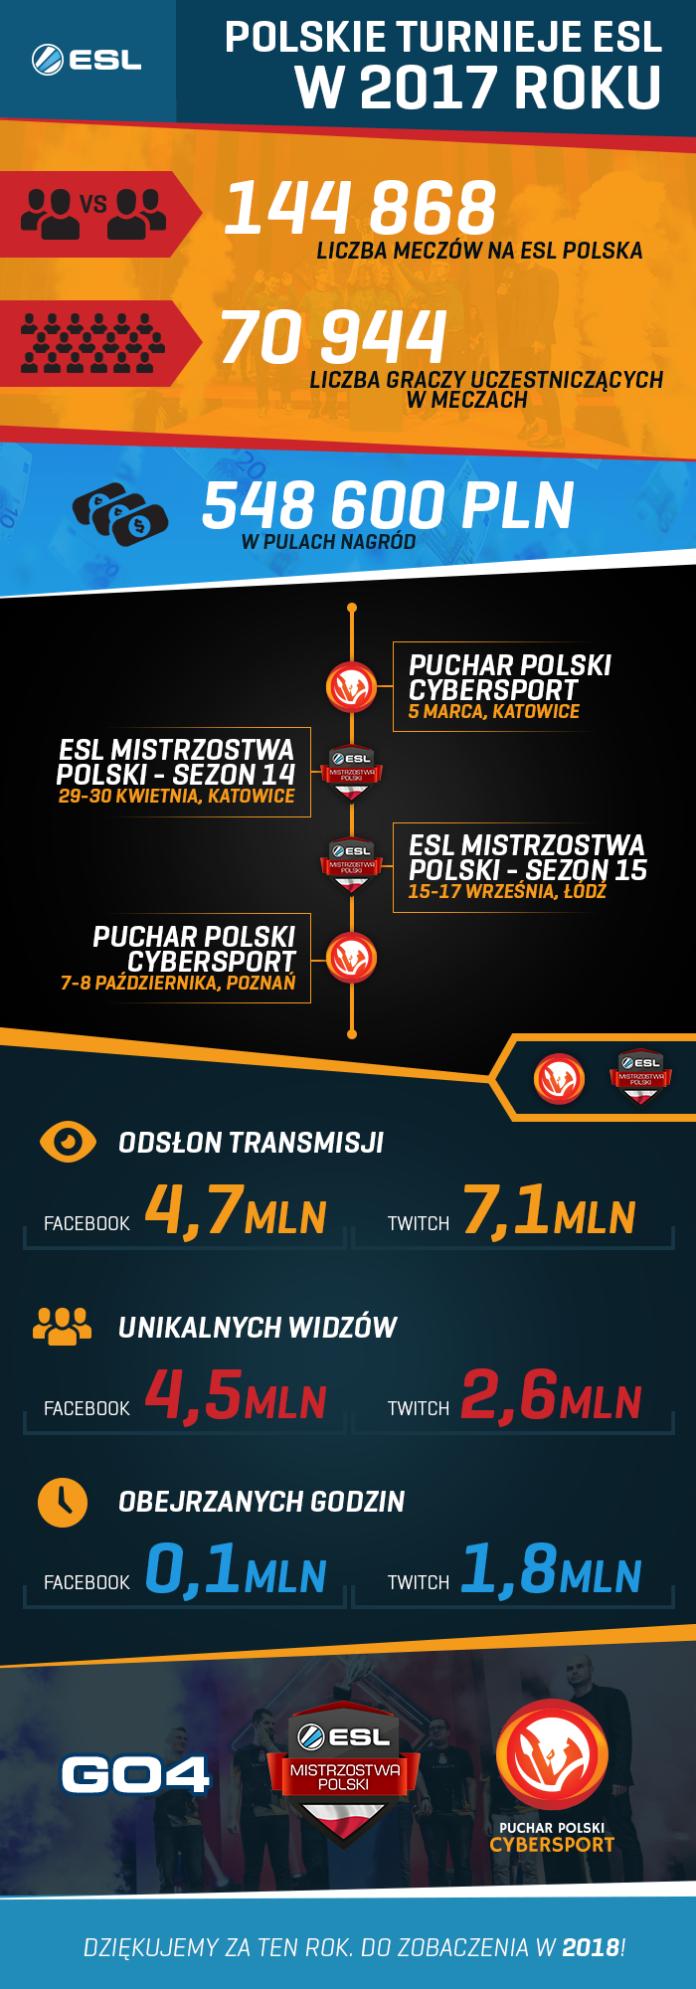 ESL Polska - turnieje krajowe 2017